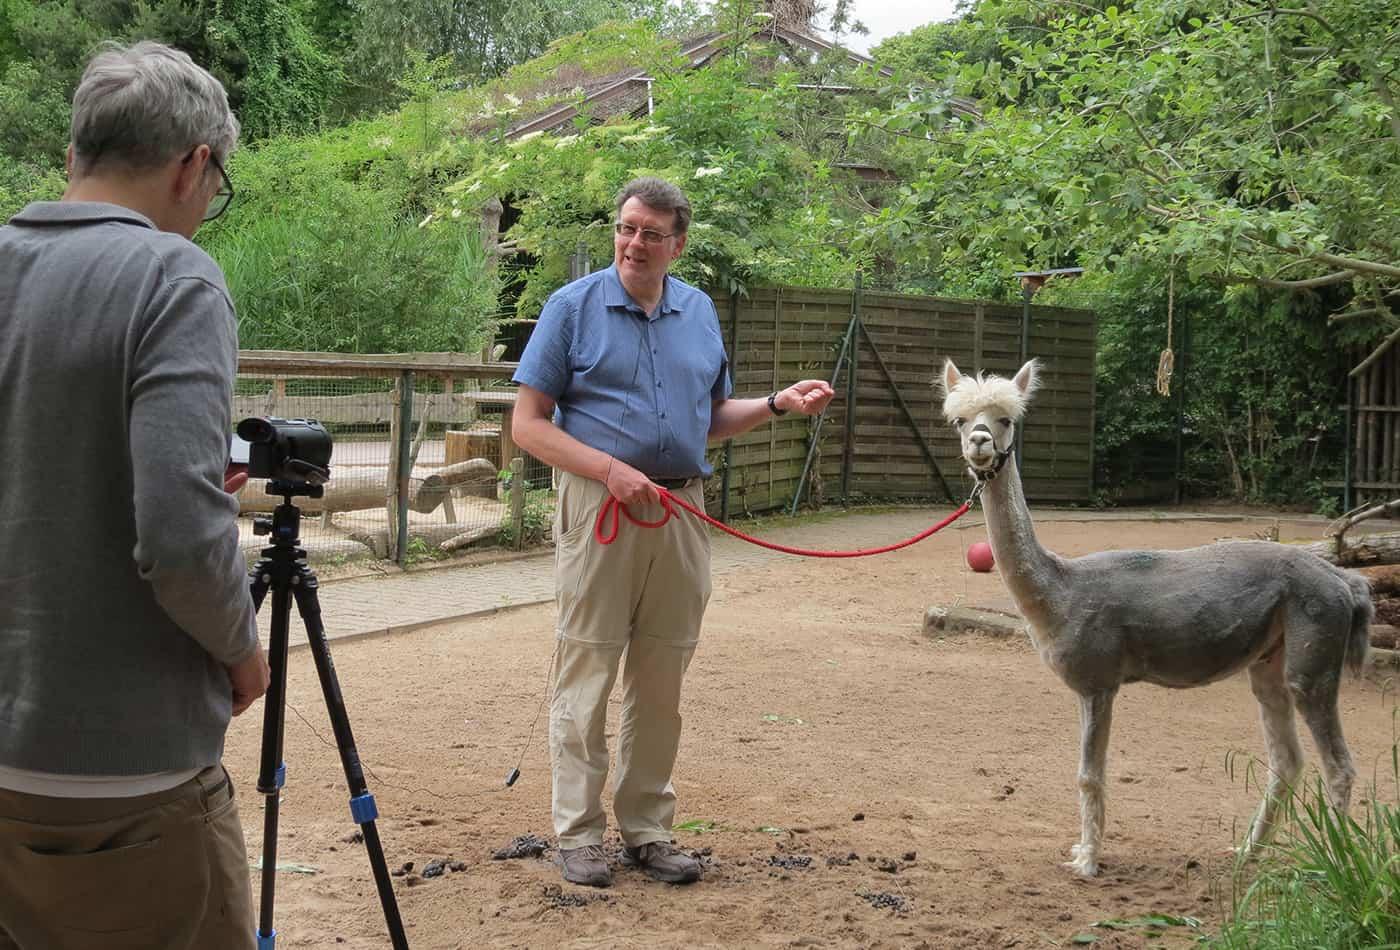 Dreharbeiten zur Folge Kameliden im Zoo Heidelberg: Zoodirektor Dr. Wünnemann berichtet über die Haltung und Eigenarten von Alpakas. (Foto: Zoo Heidelberg)